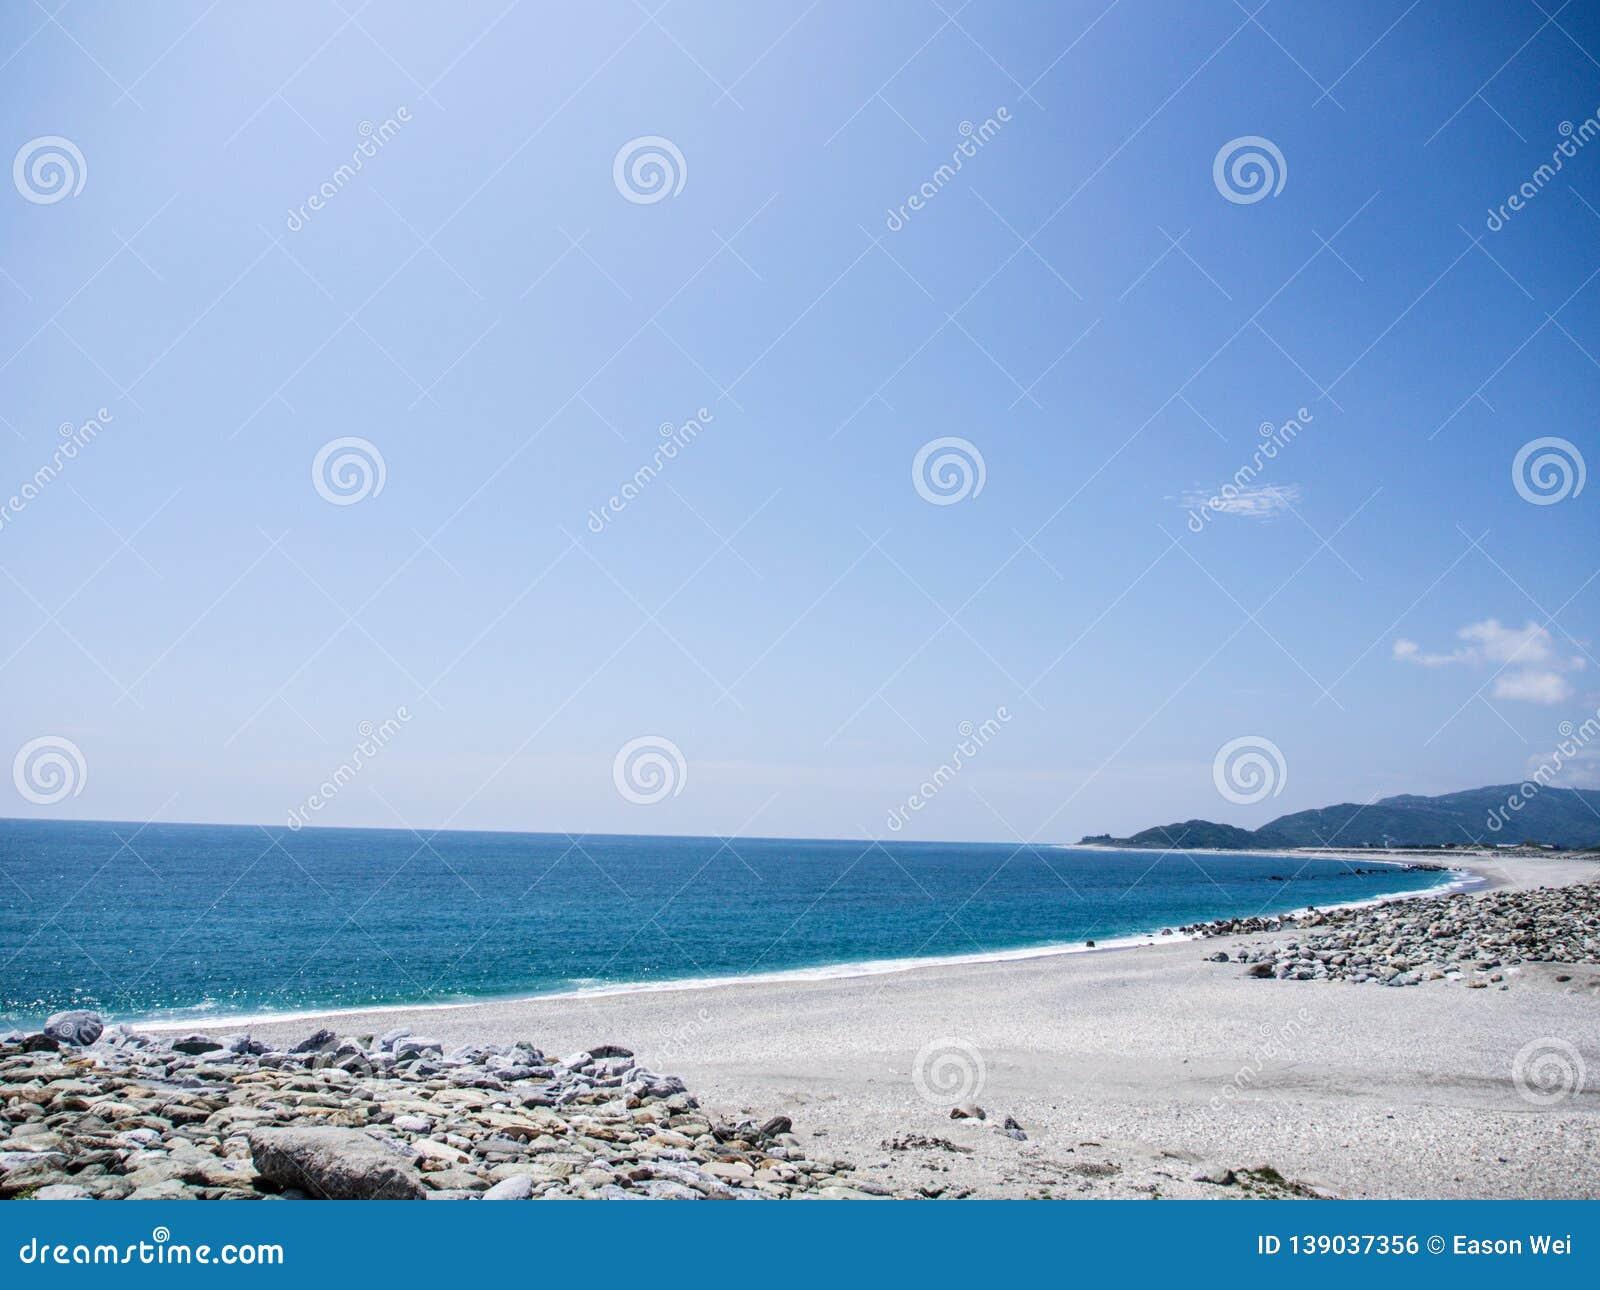 Hualien Qixingtan Beach Chihsingtan